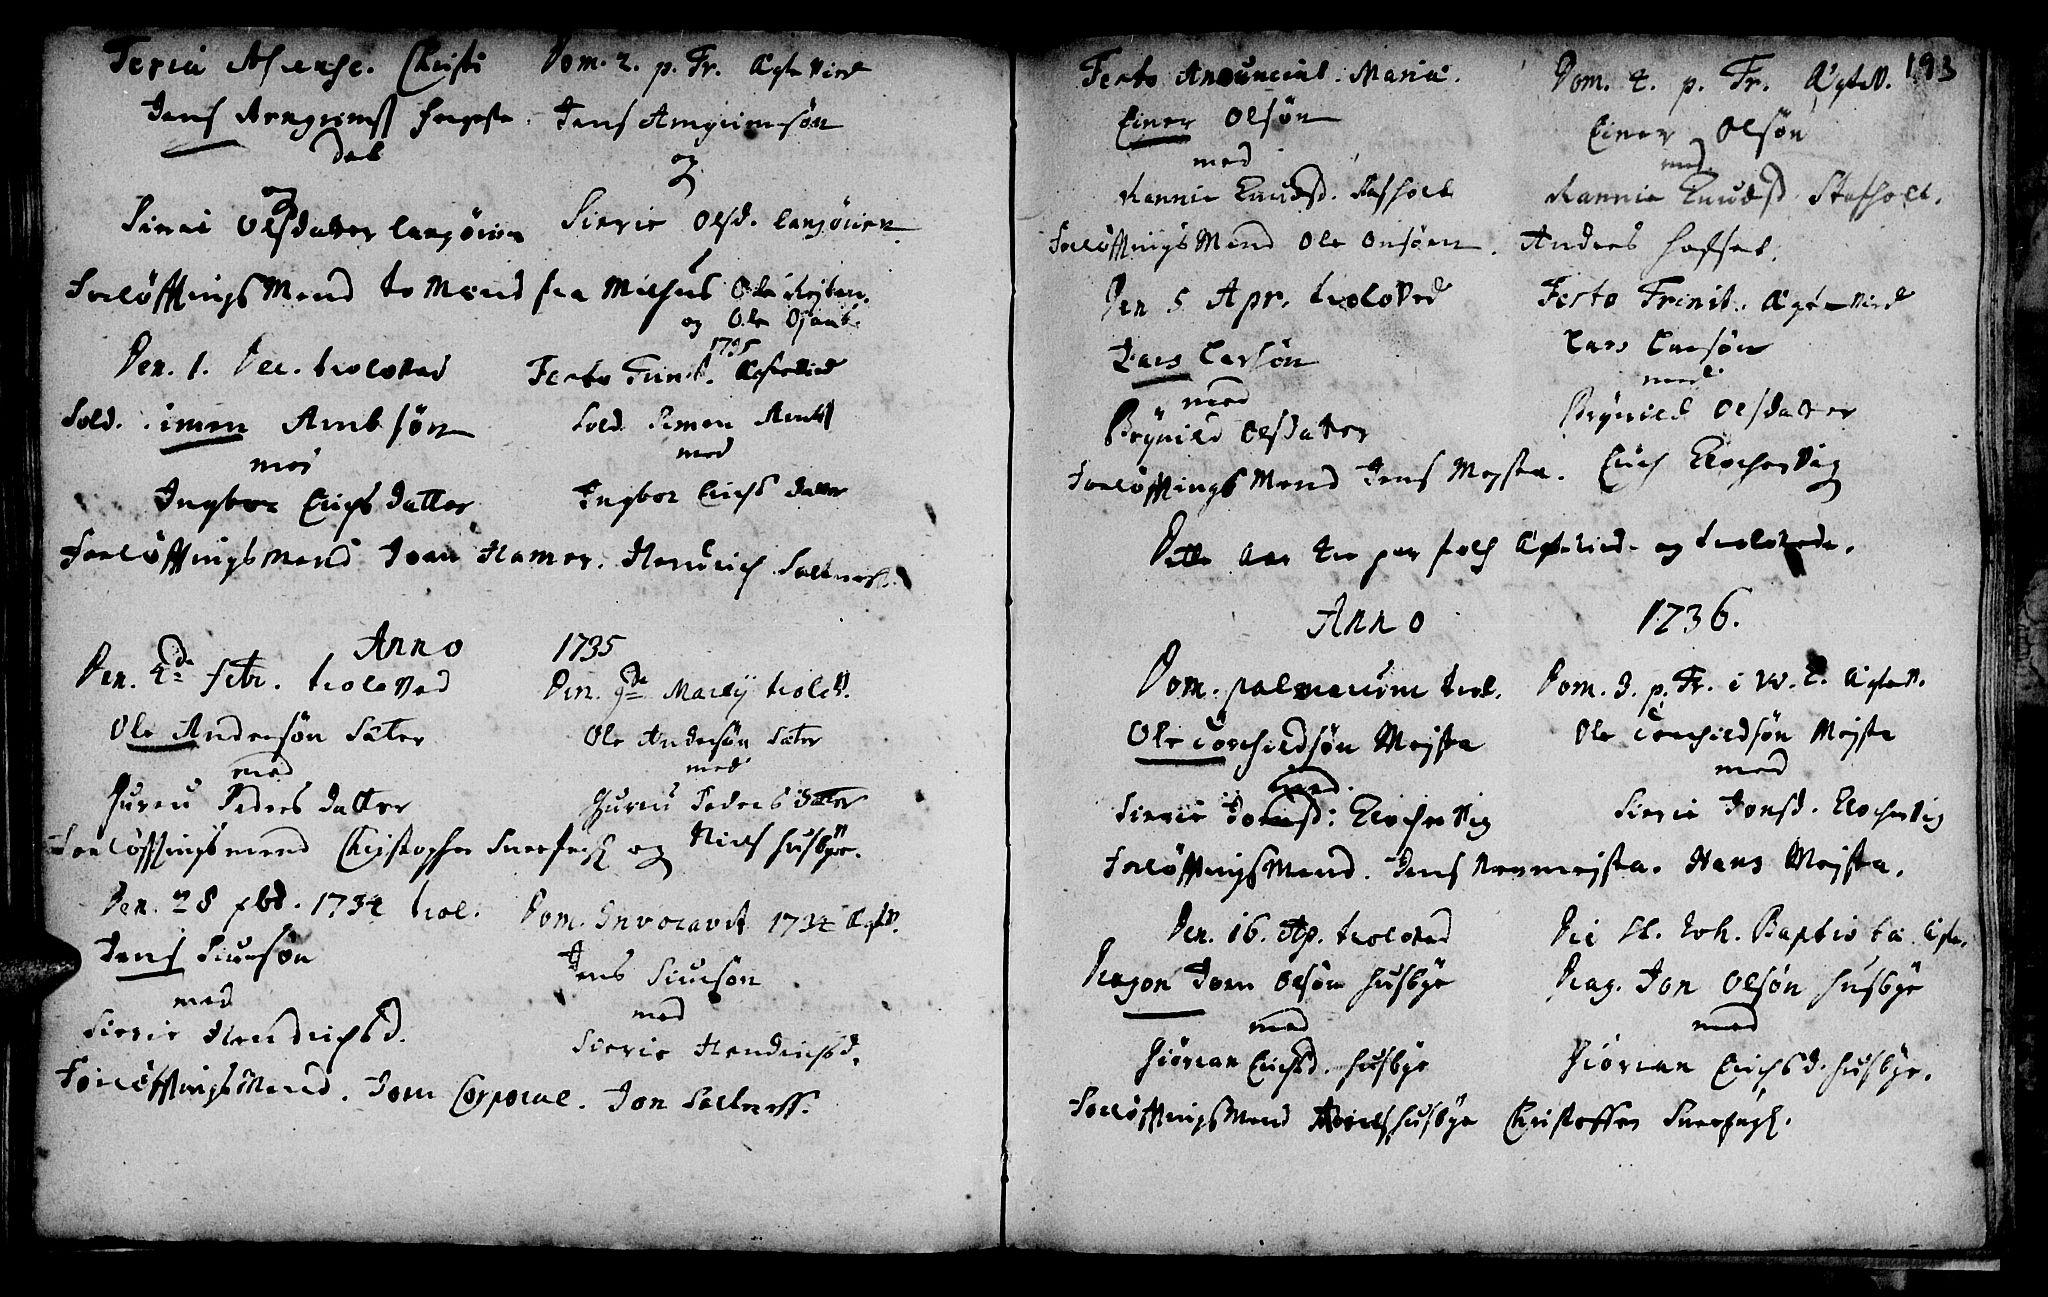 SAT, Ministerialprotokoller, klokkerbøker og fødselsregistre - Sør-Trøndelag, 666/L0783: Ministerialbok nr. 666A01, 1702-1753, s. 193